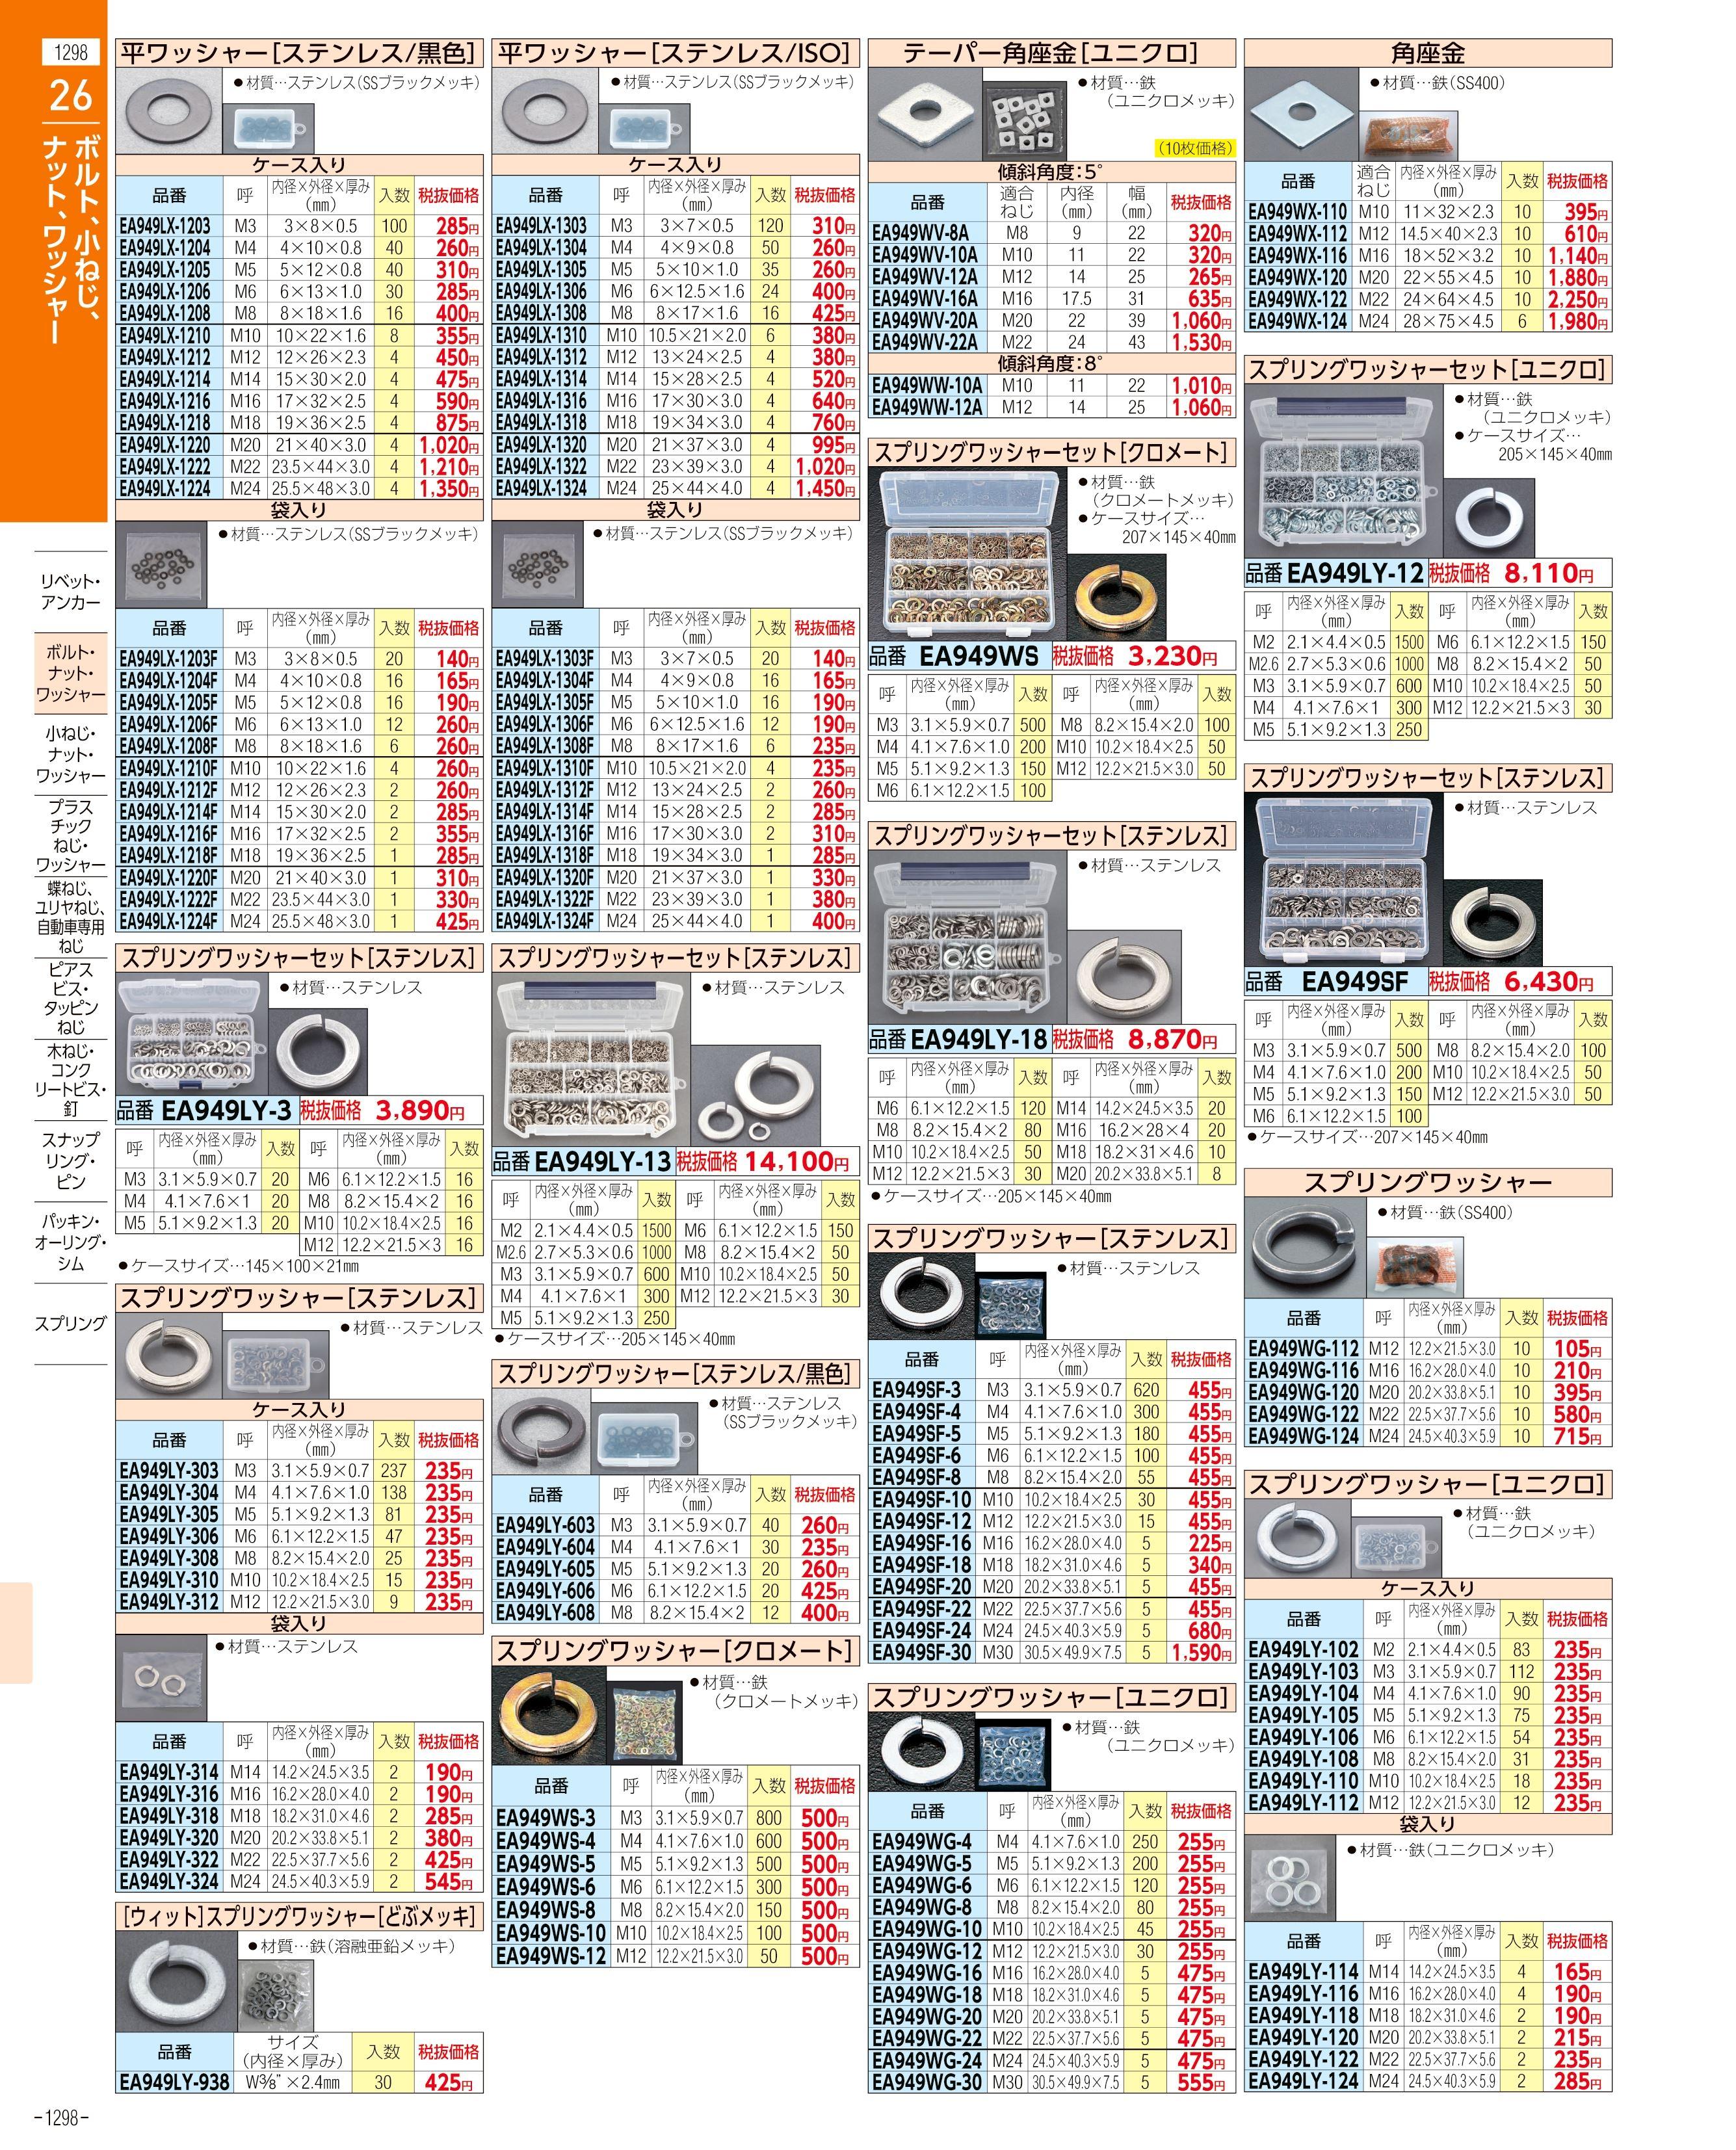 エスコ便利カタログ1298ページ